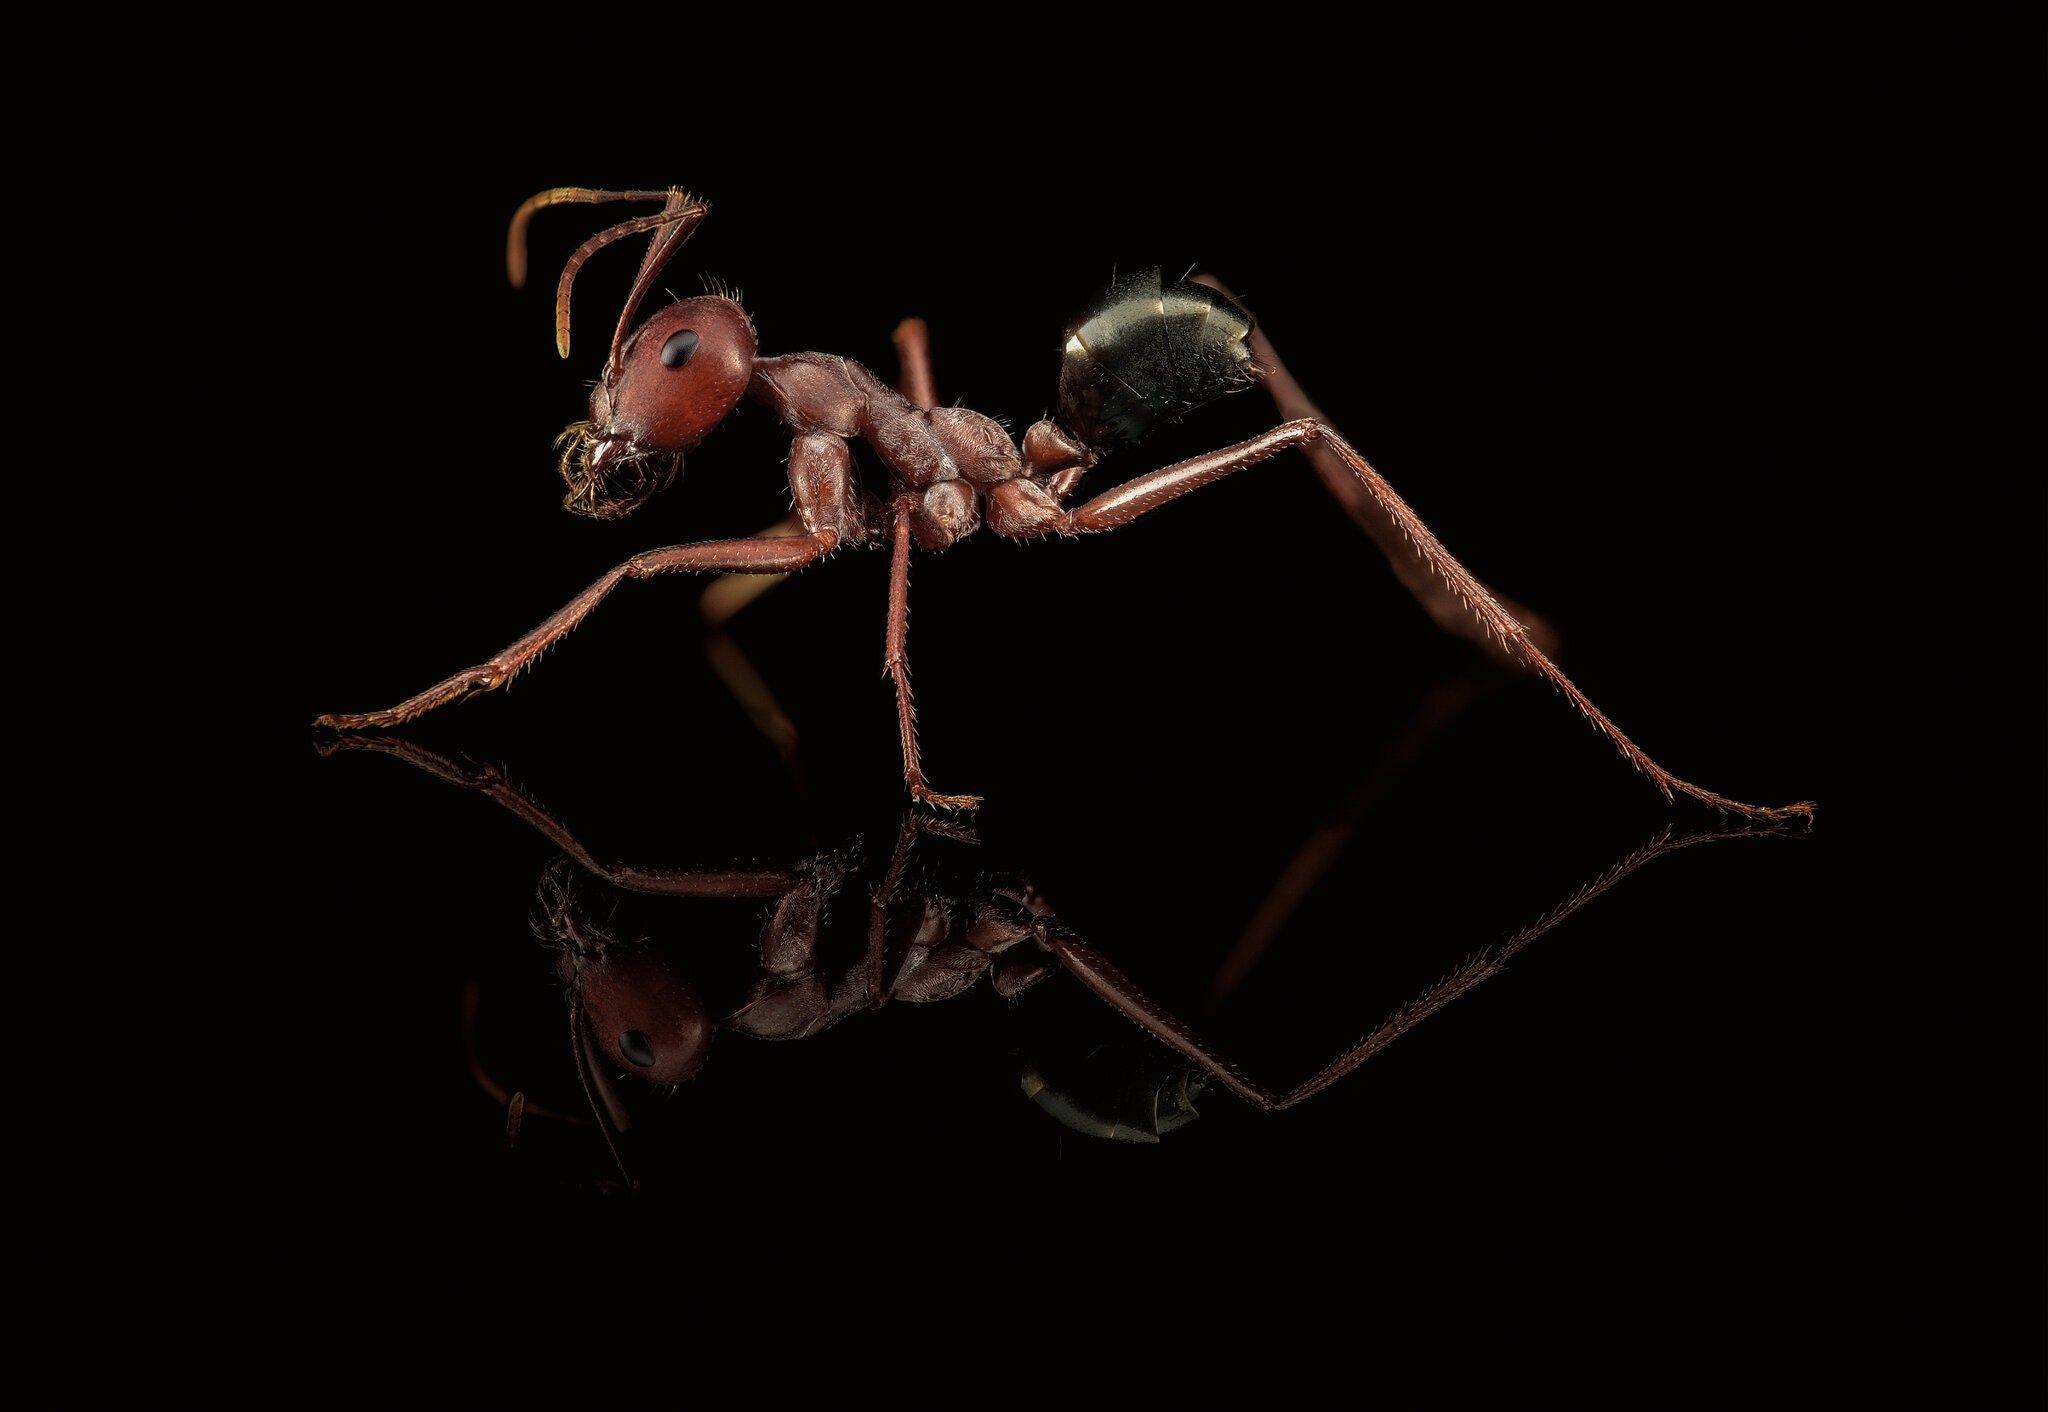 دنیای شگفتانگیز مورچهها؛ اولین معماران و کشاورزان زمین